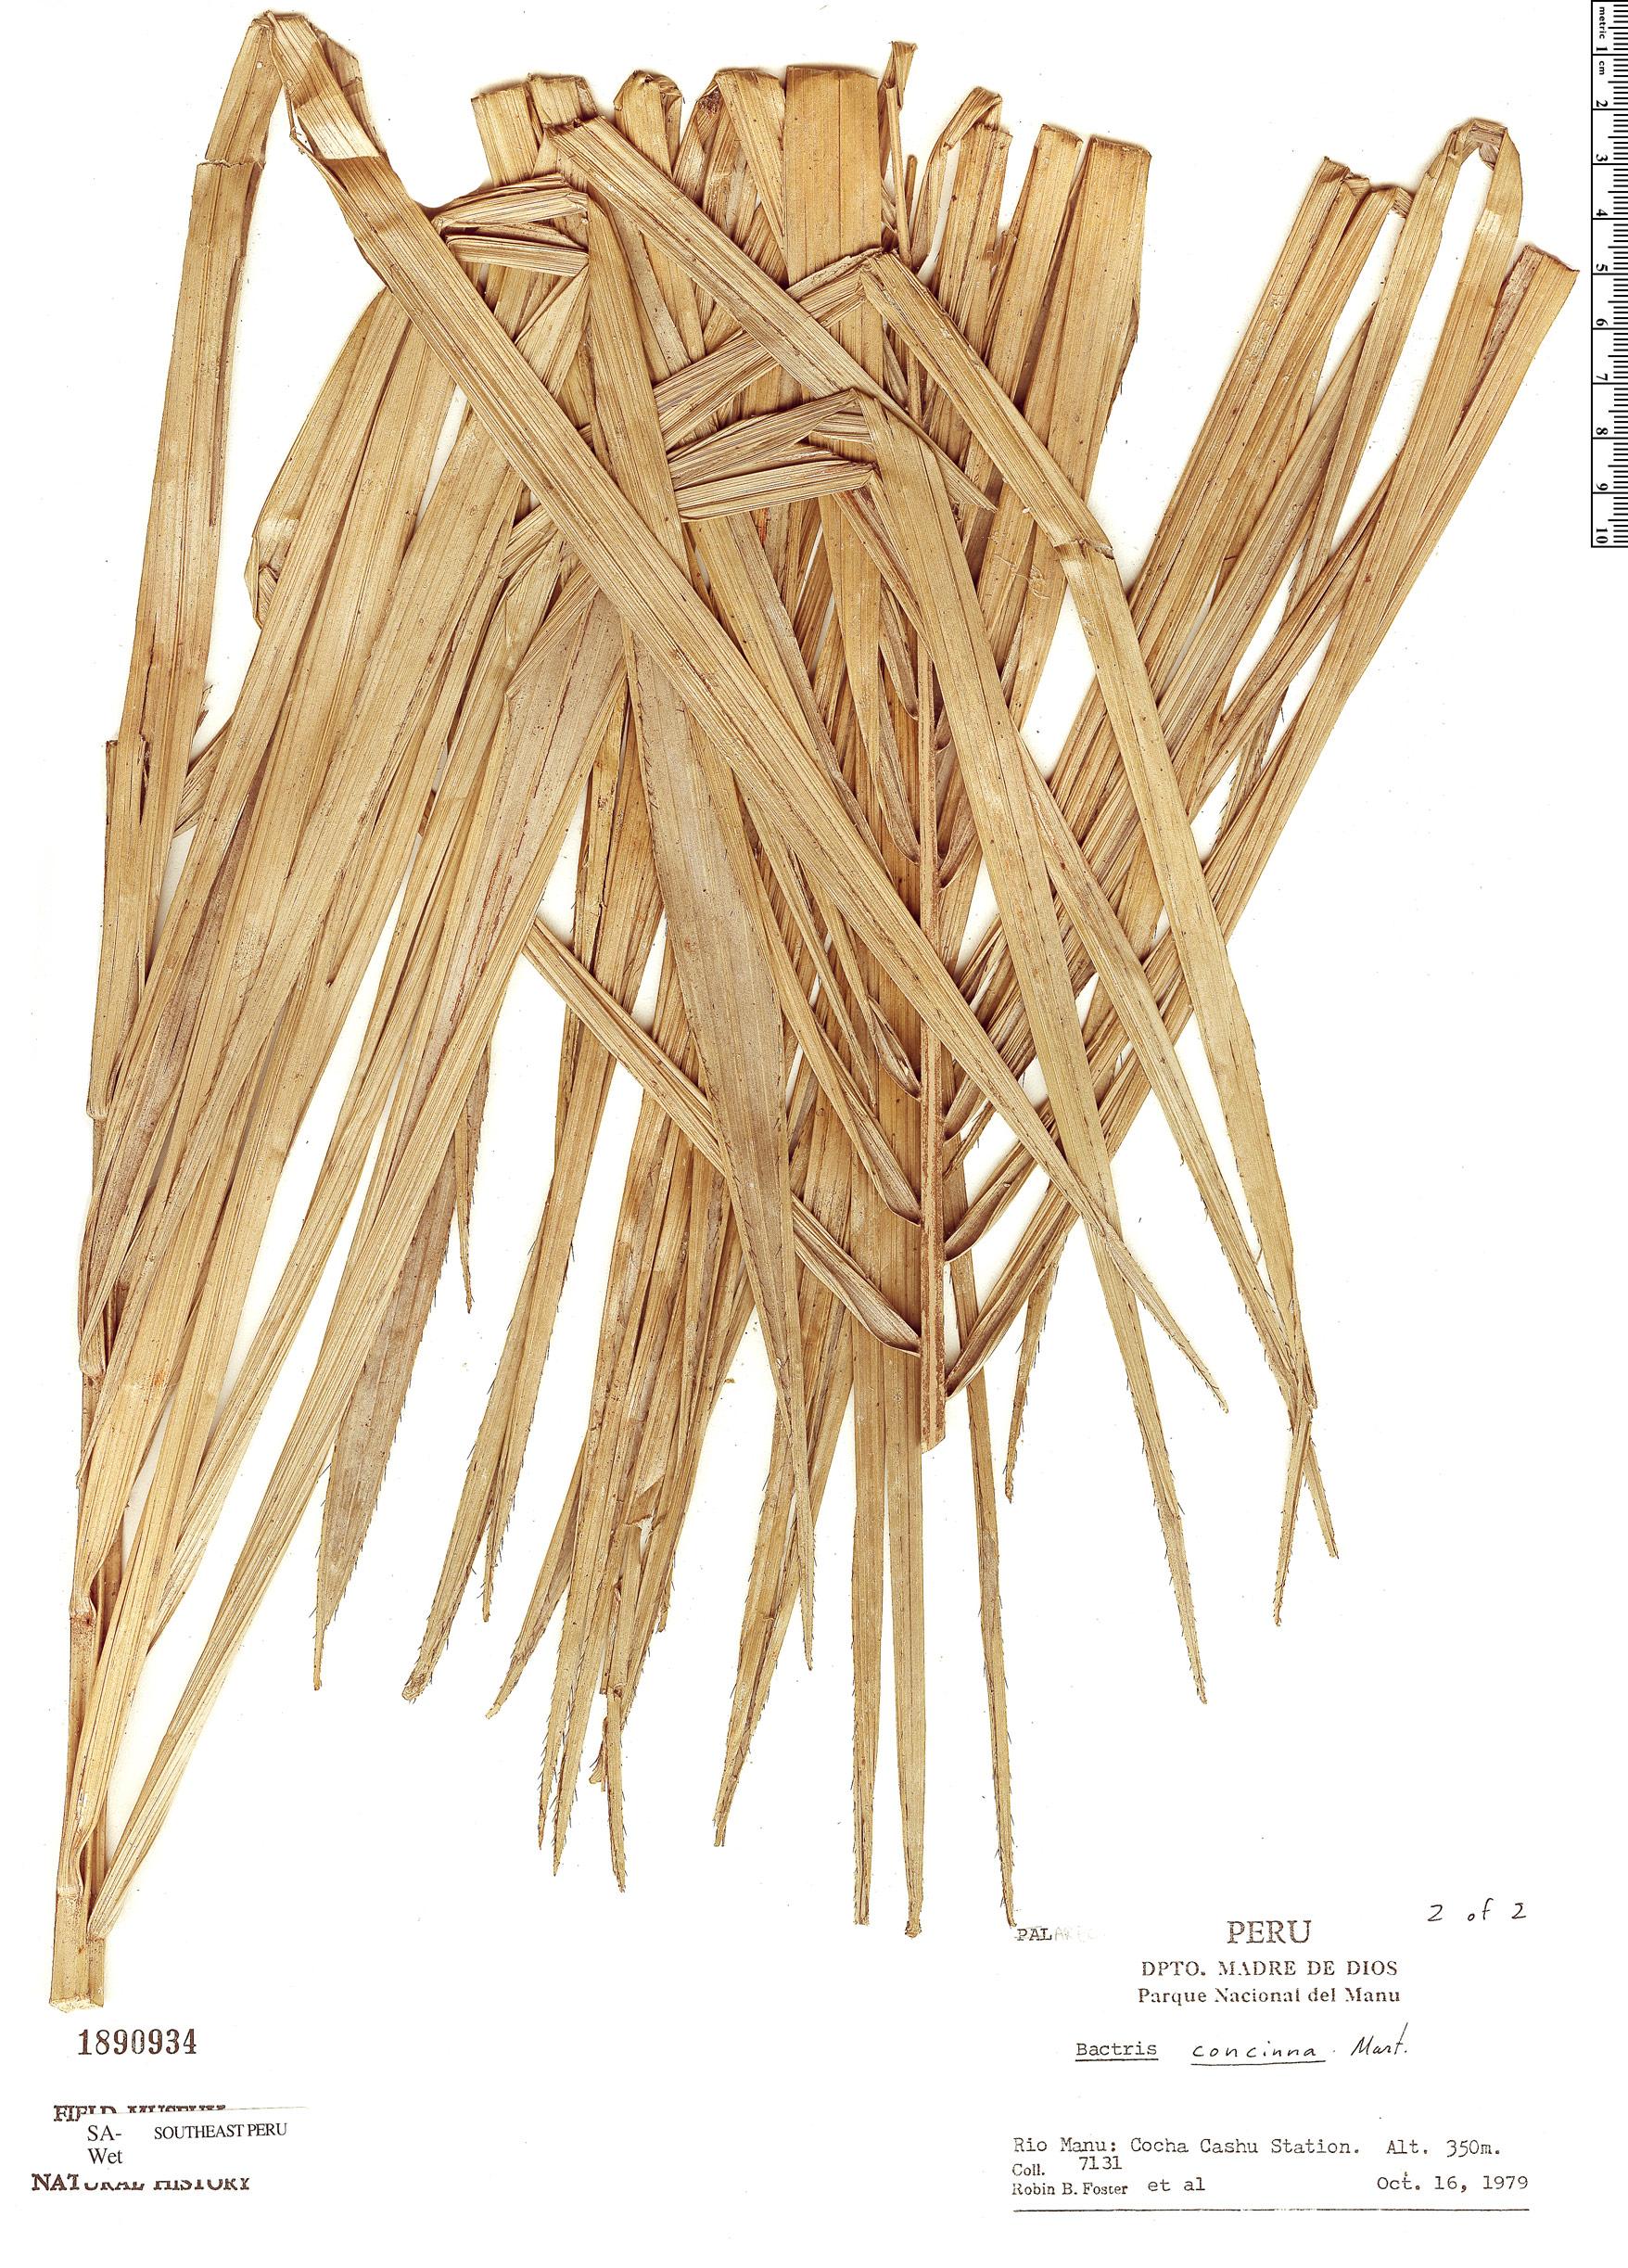 Specimen: Bactris concinna